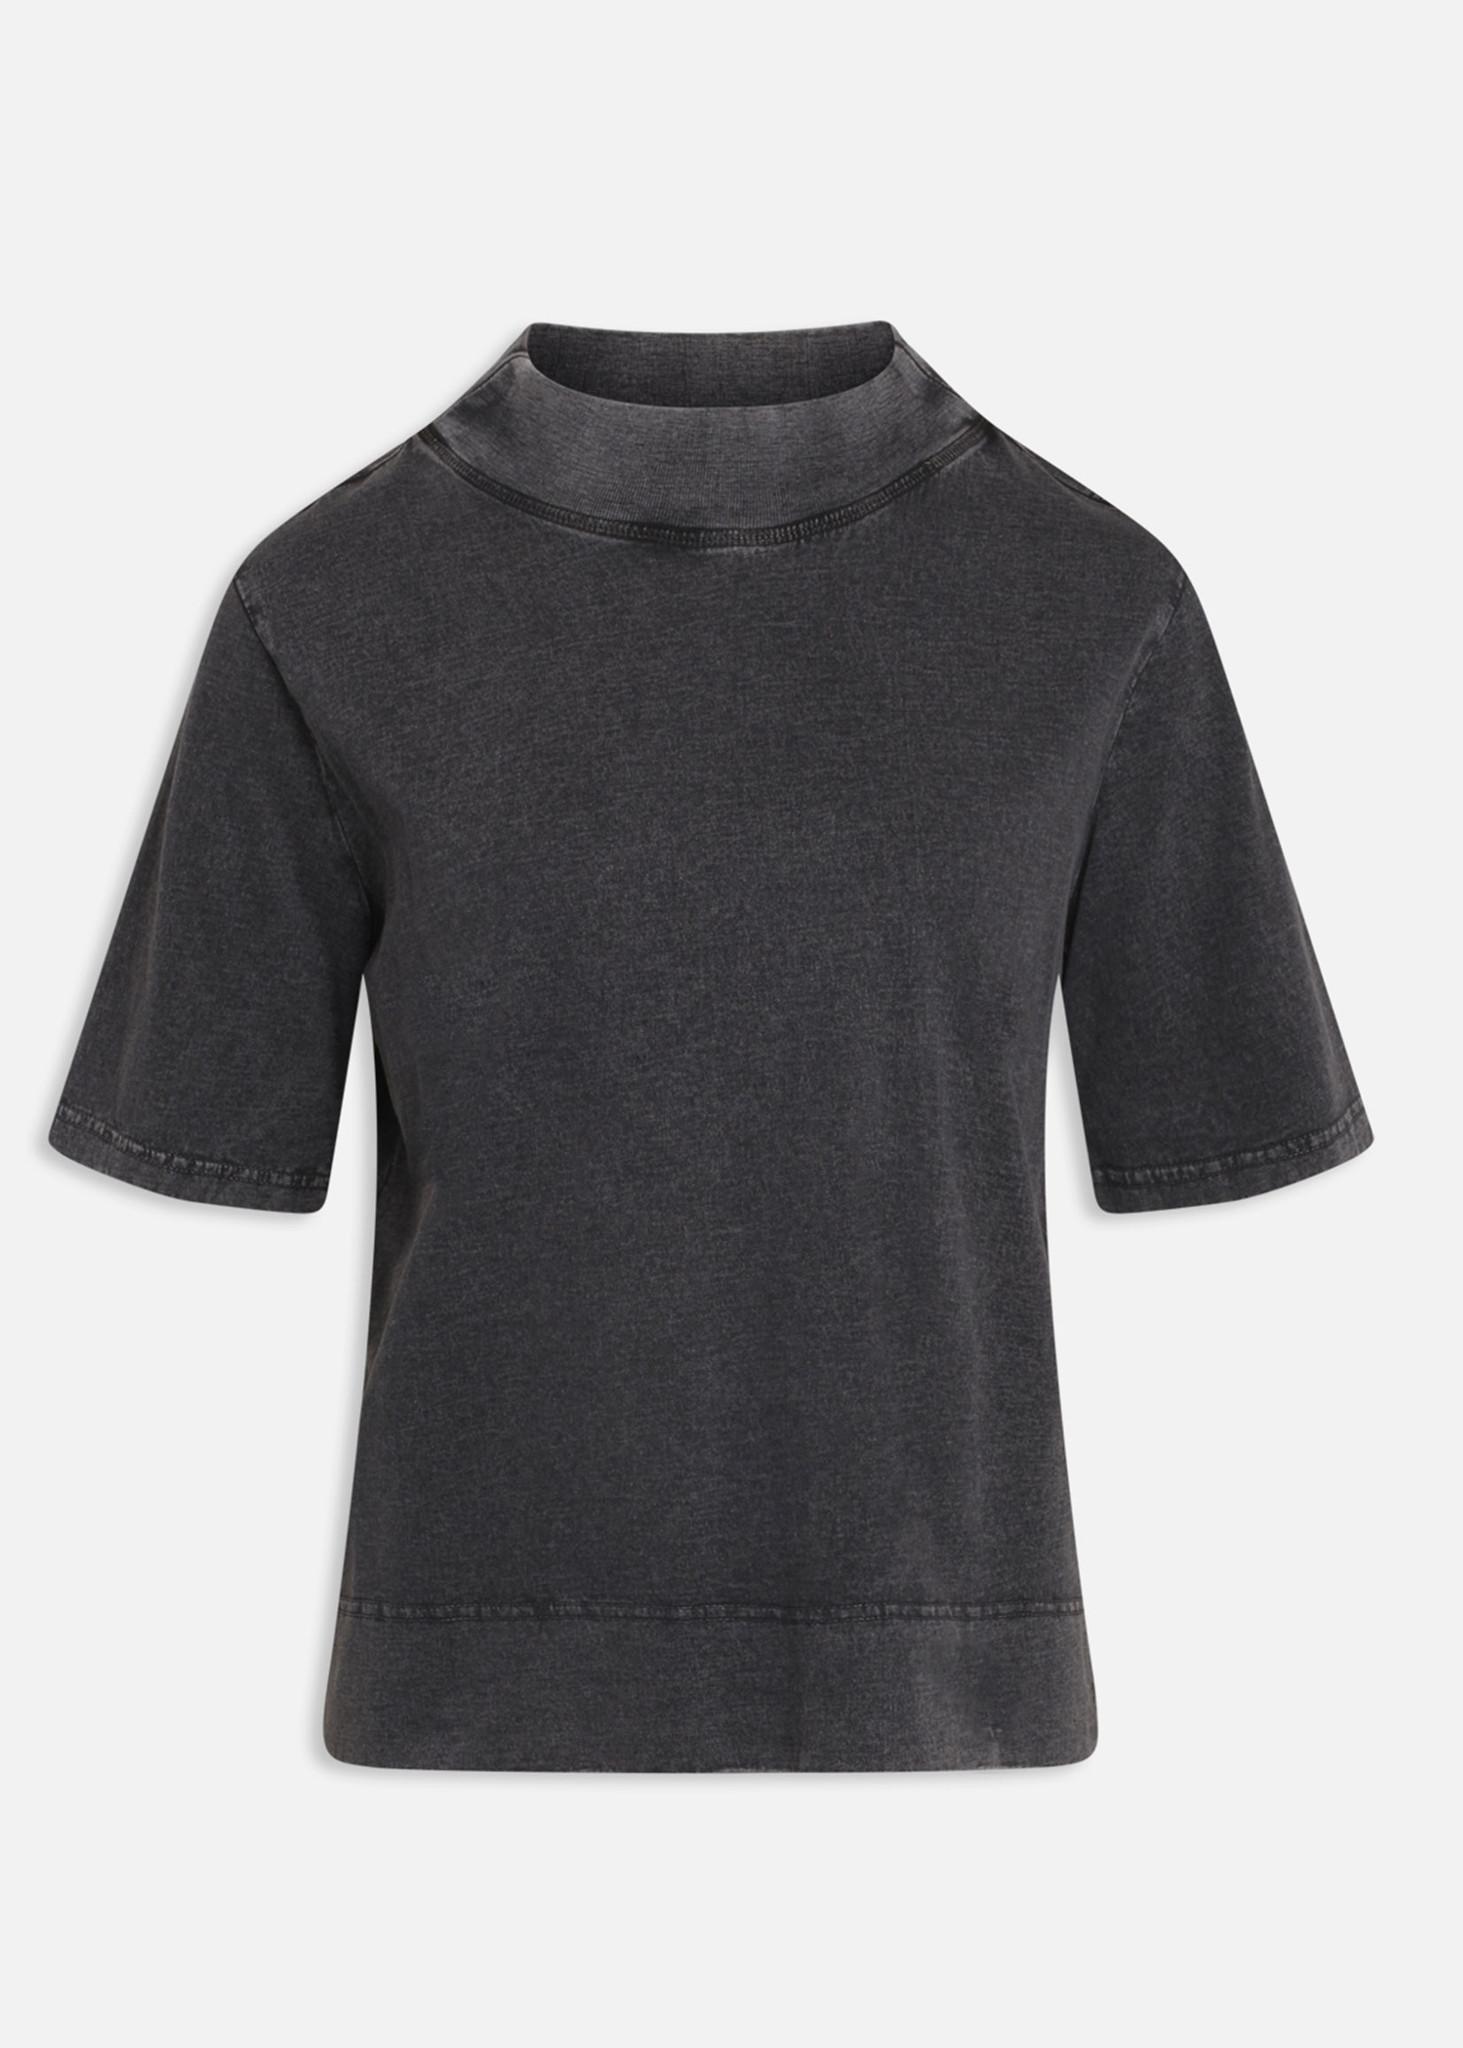 Hiya Shirt Grey Wash-1